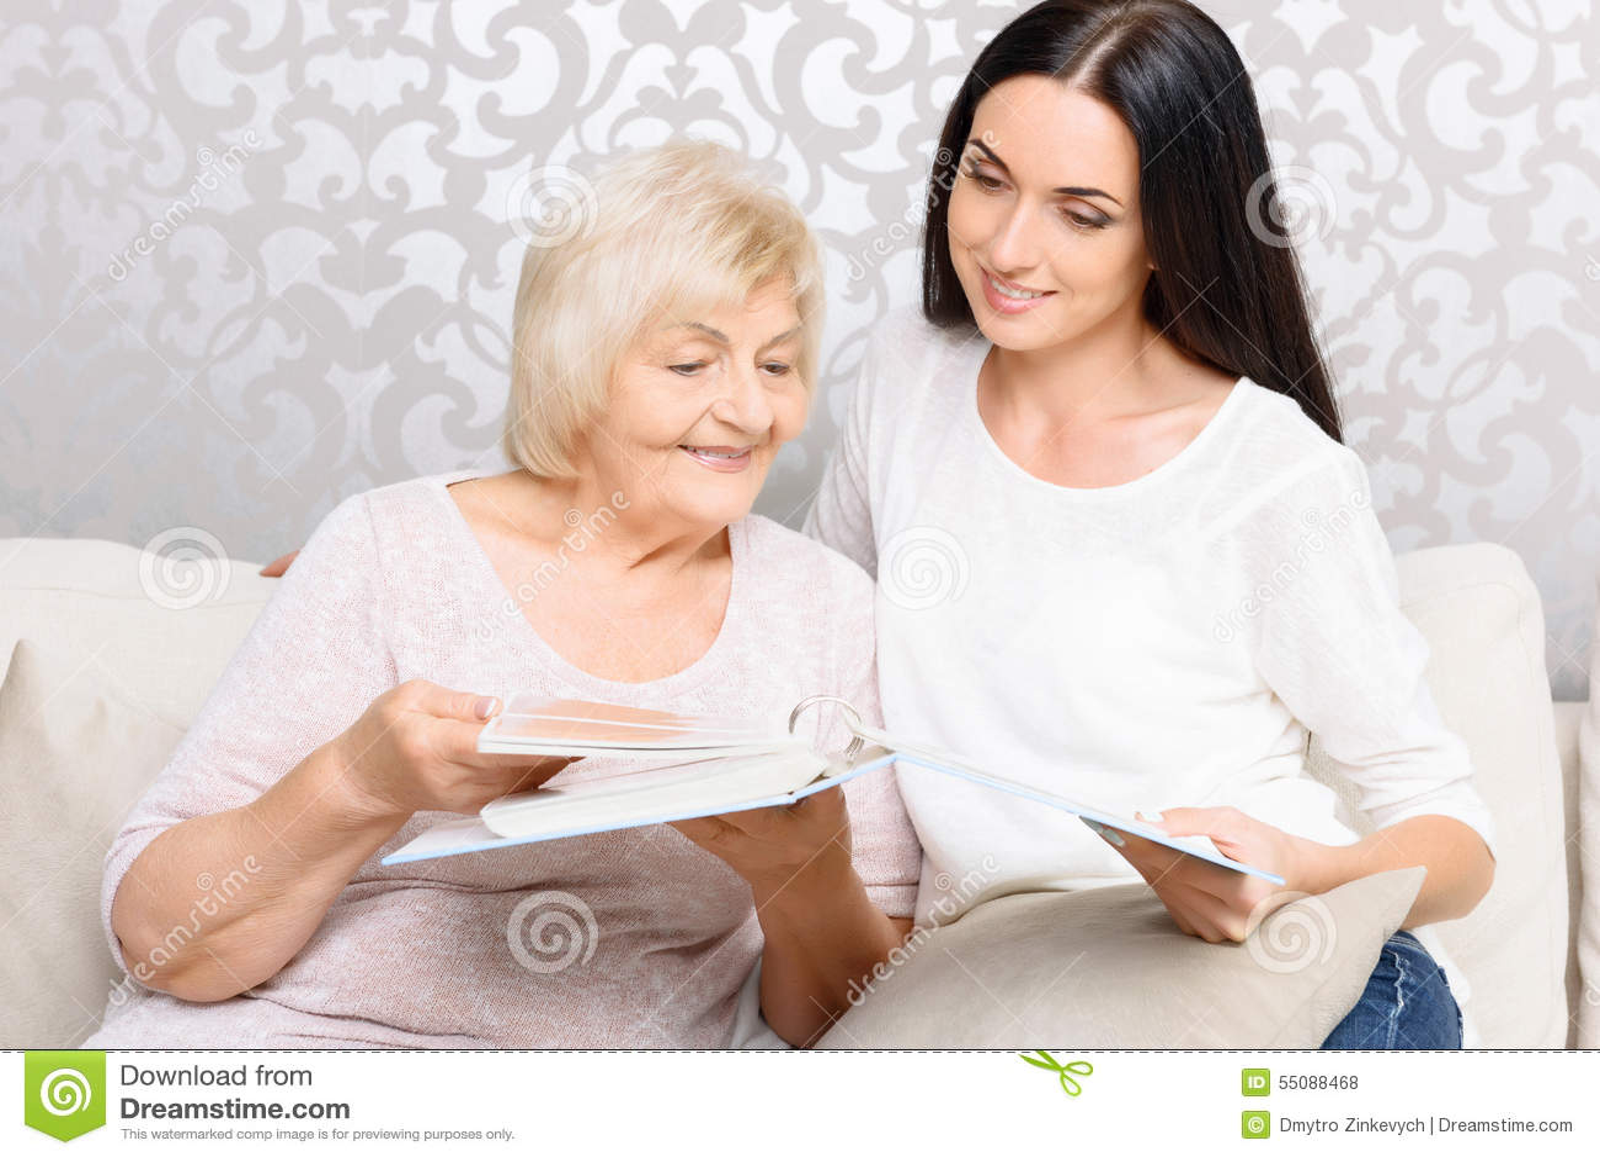 бабушка лизбиянка и внучку учит